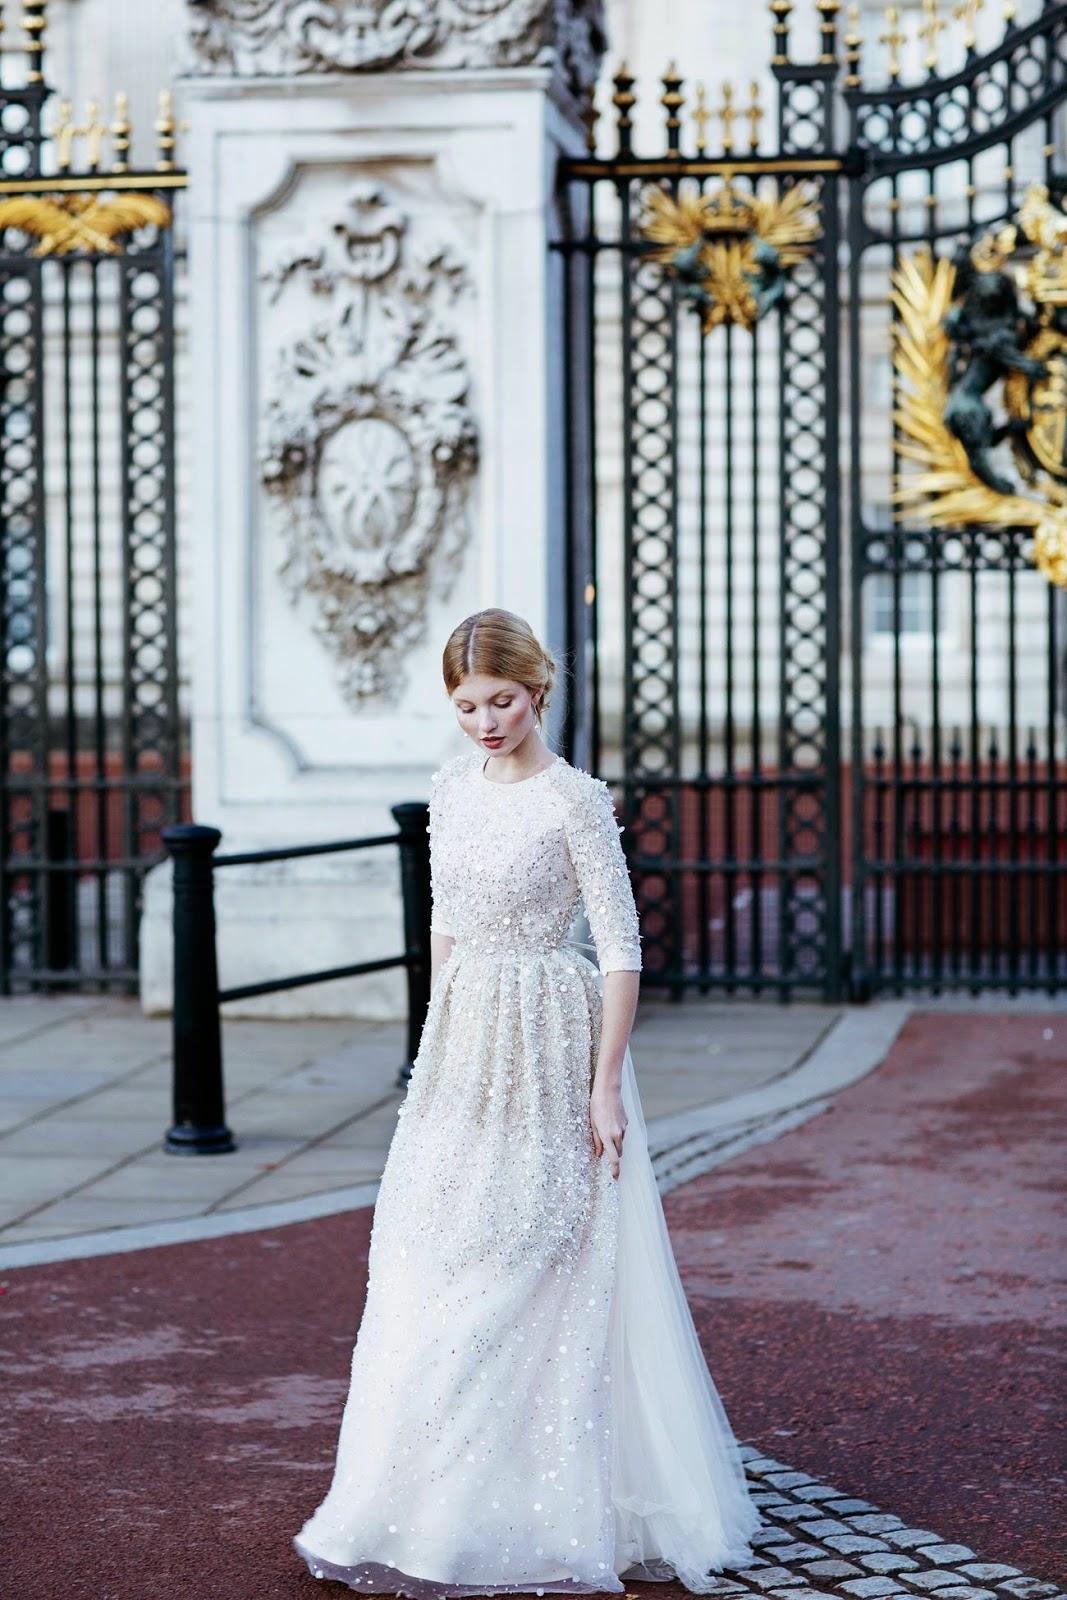 Colorful Vestido De Novia Victorio Y Lucchino Gallery - Wedding ...